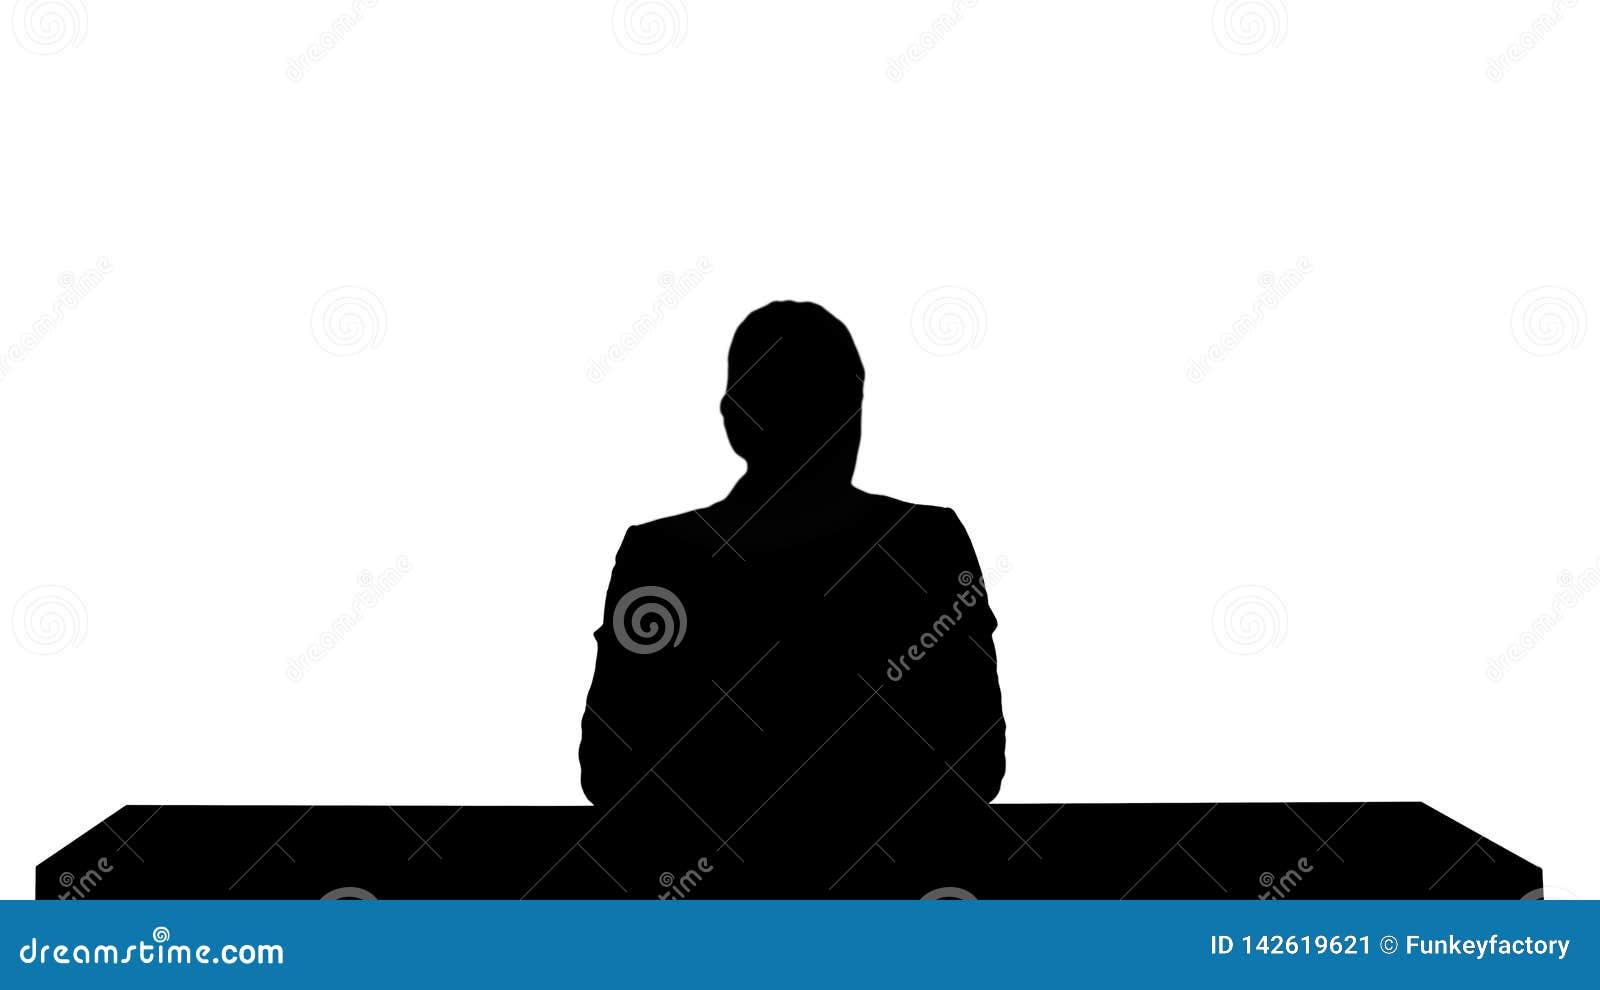 现出轮廓提出新闻的一个女性新闻报道员,增加您自己的文本或图象屏幕在她后